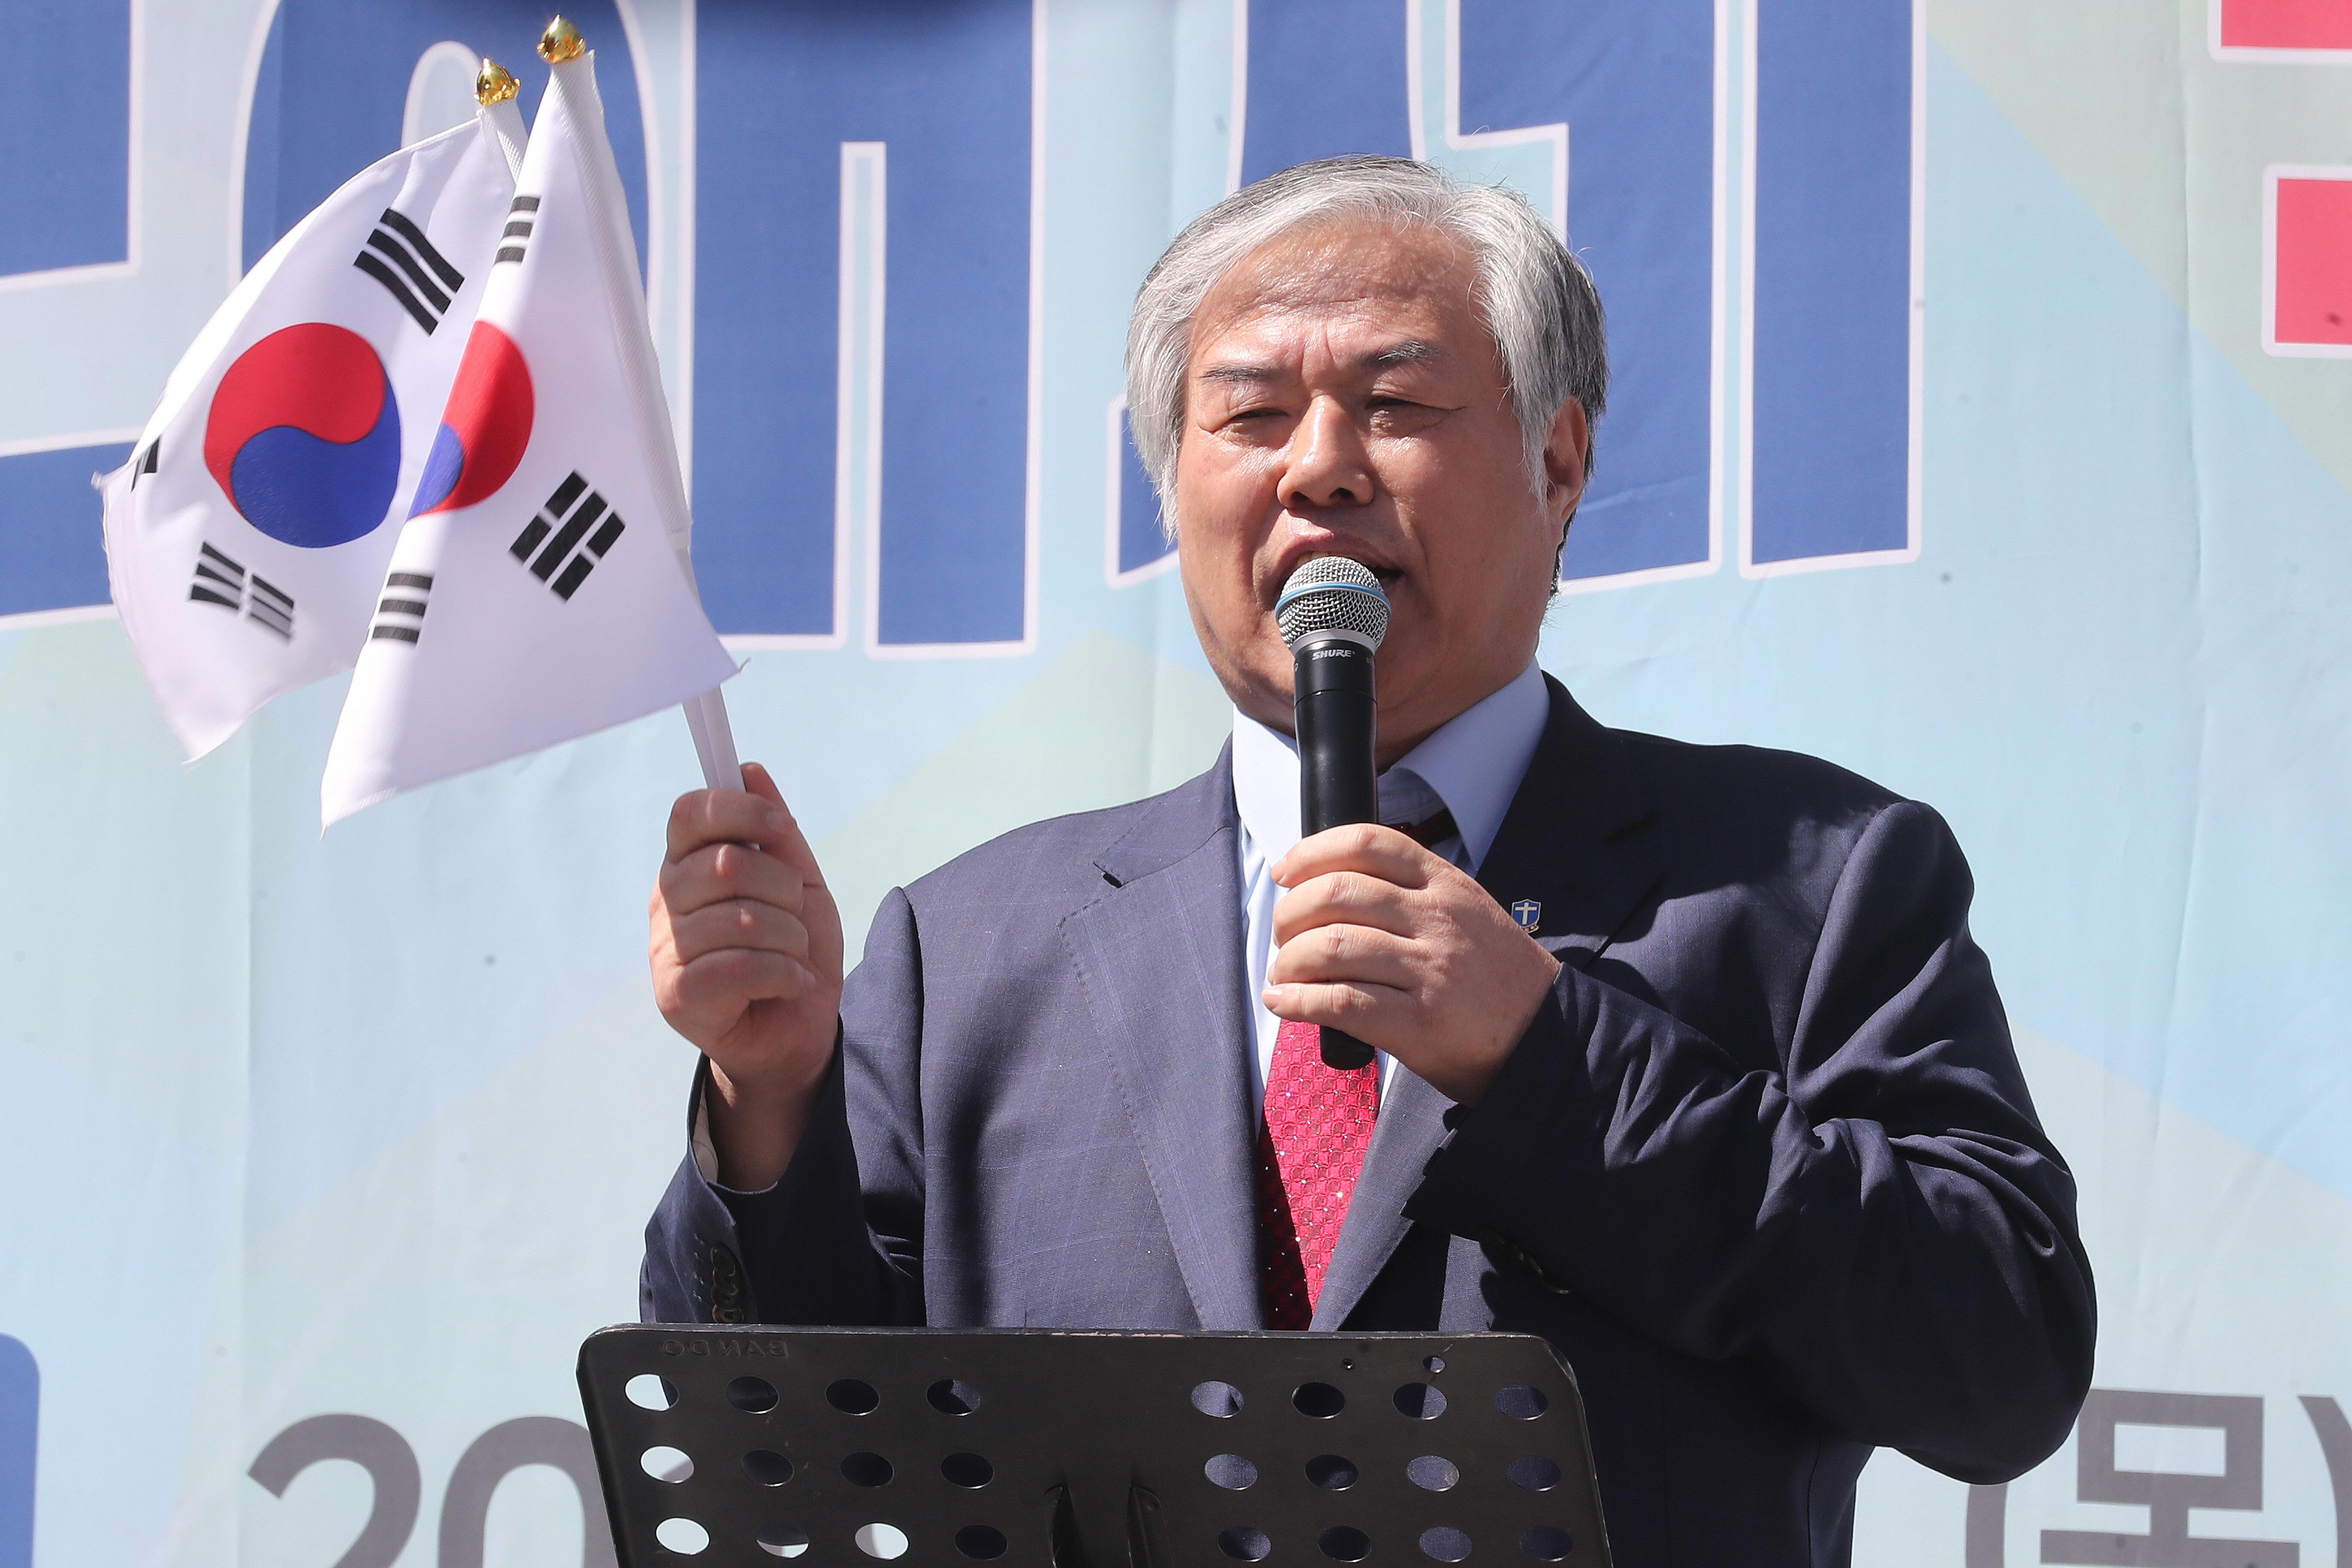 전광훈 목사 취재하던 MBC 기자들, 교회 신도들에게